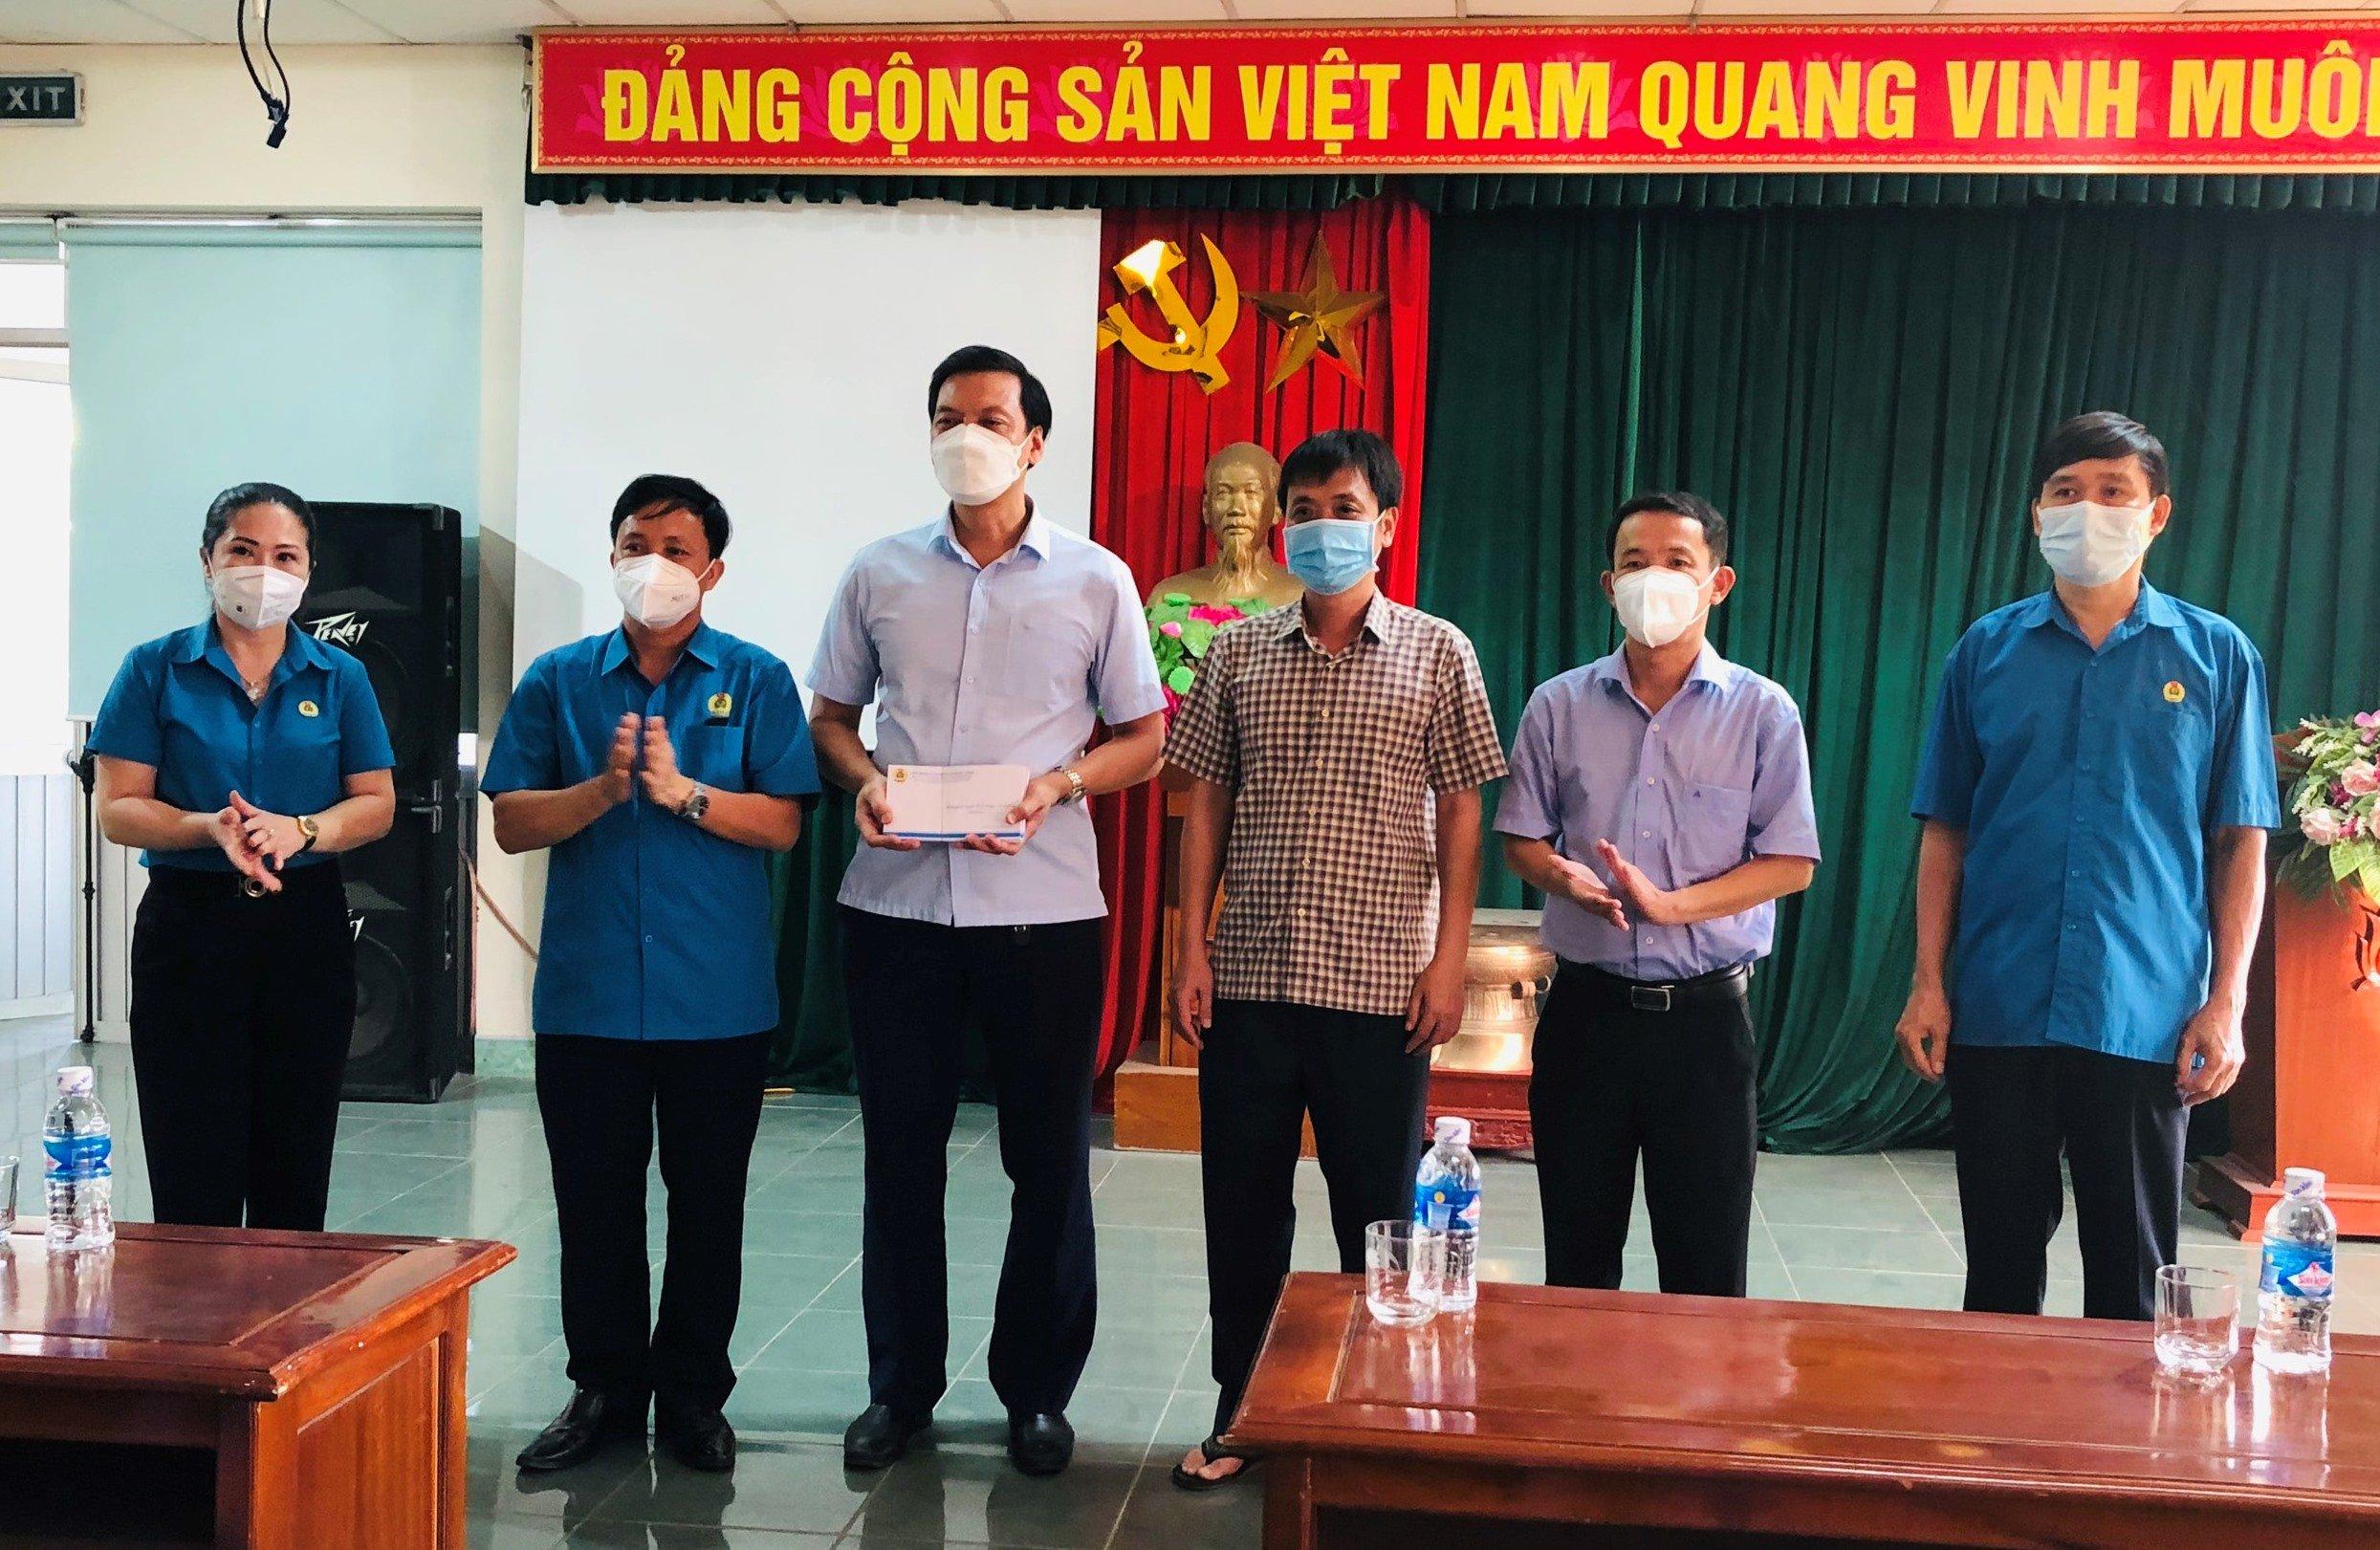 Công đoàn Hà Tĩnh đồng hành cùng doanh nghiệp, người lao động đảm bảo thực hiện mục tiêu kép